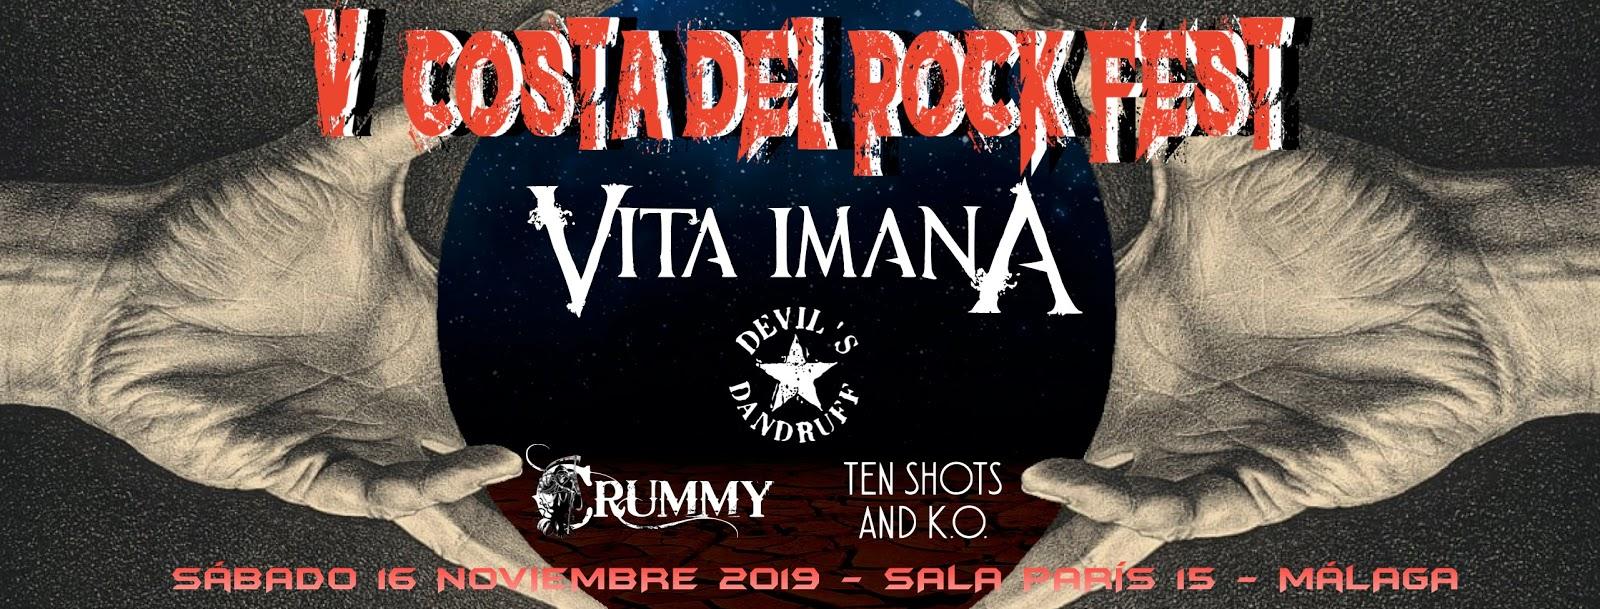 V Costa del rock Fest Header